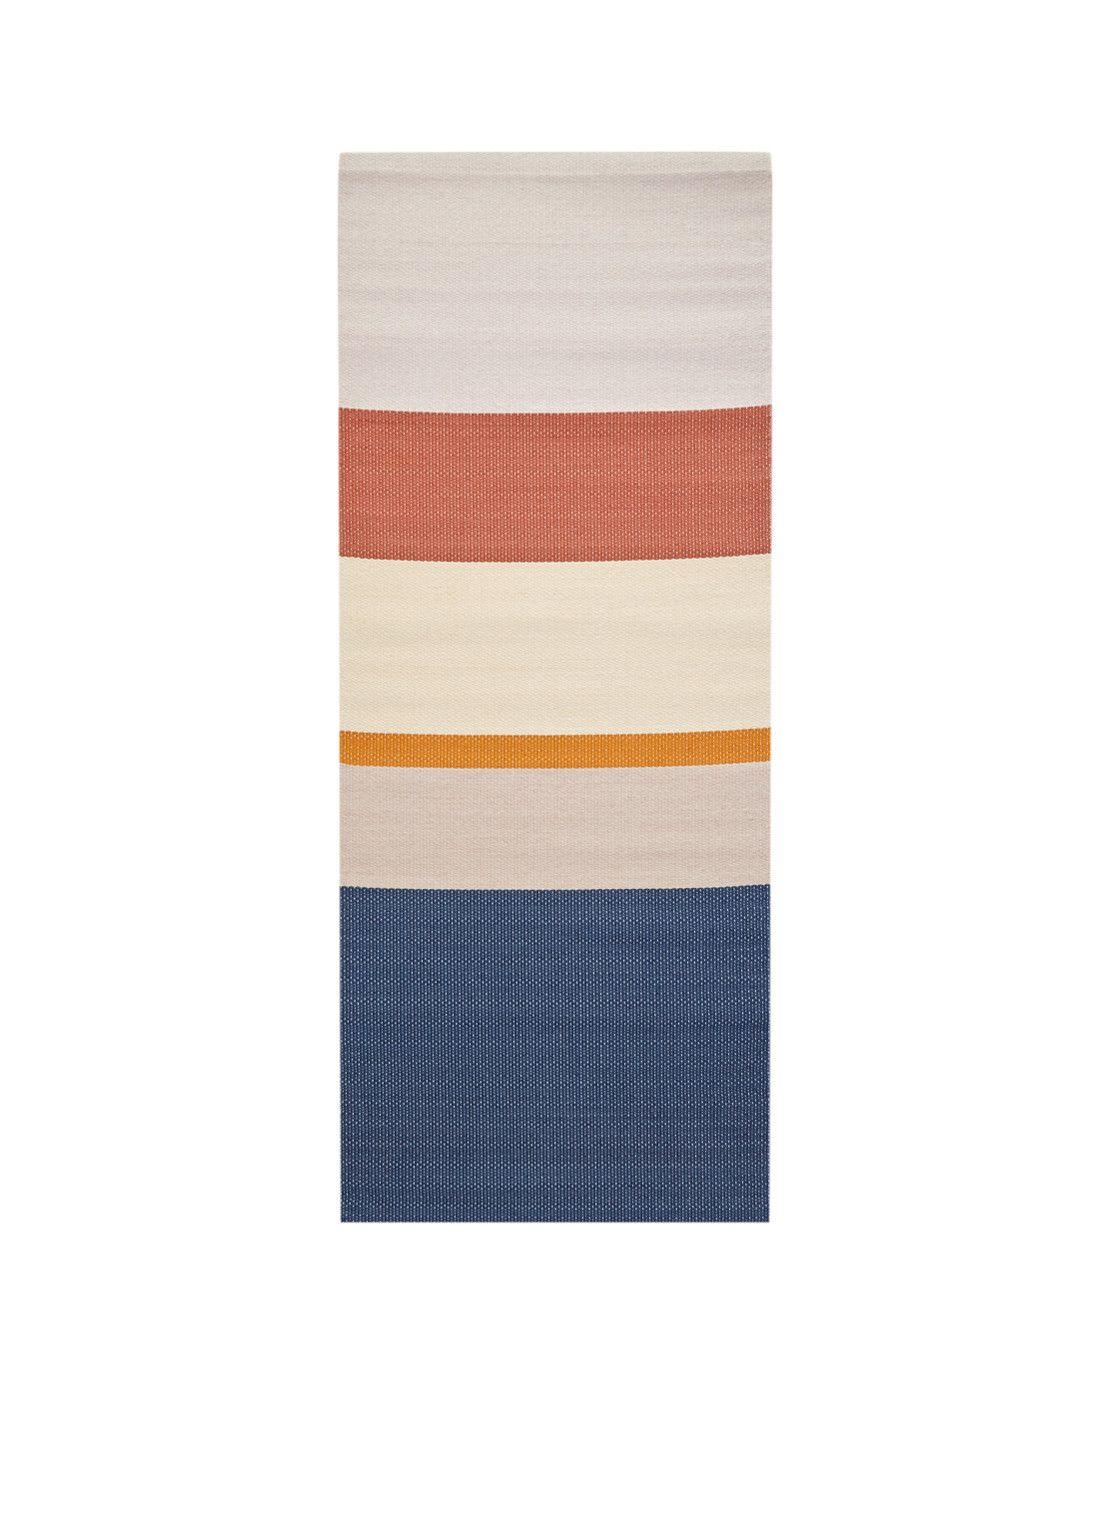 Hay Vloerkleed Paprer Carpet Cinnemon Powder • de Bijenkorf